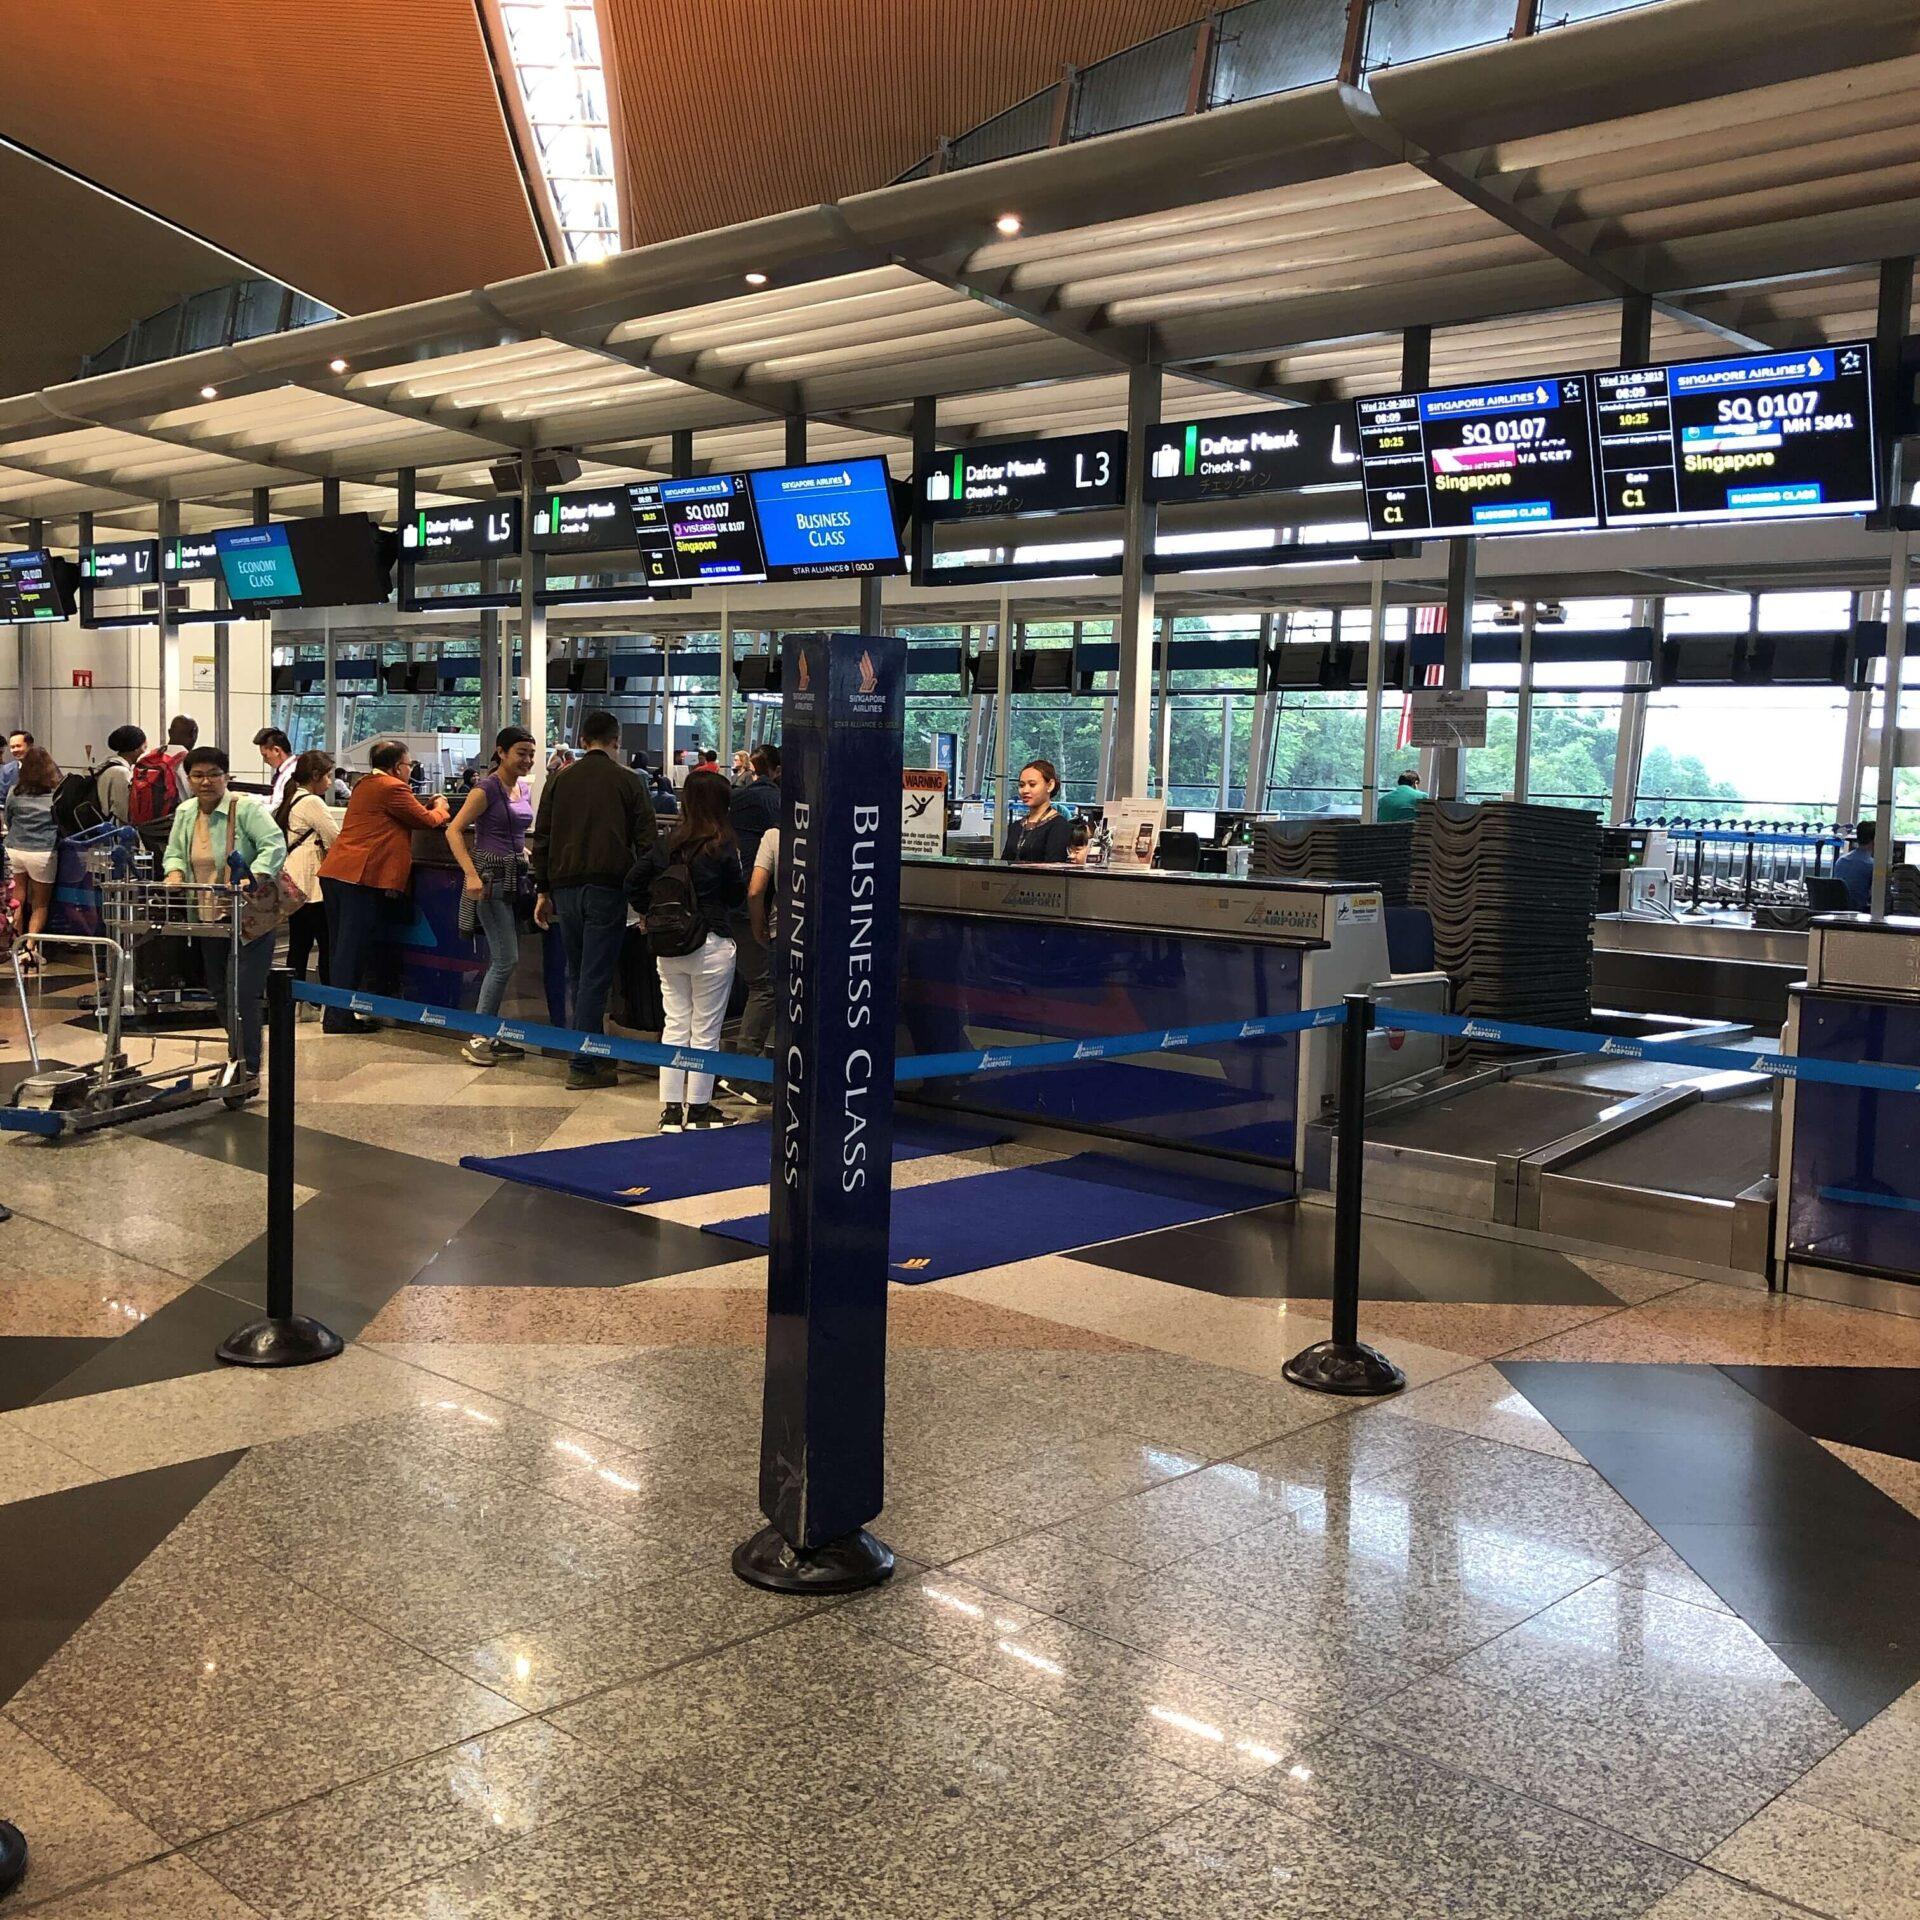 クアラルンプール国際空港のチェックインカウンター